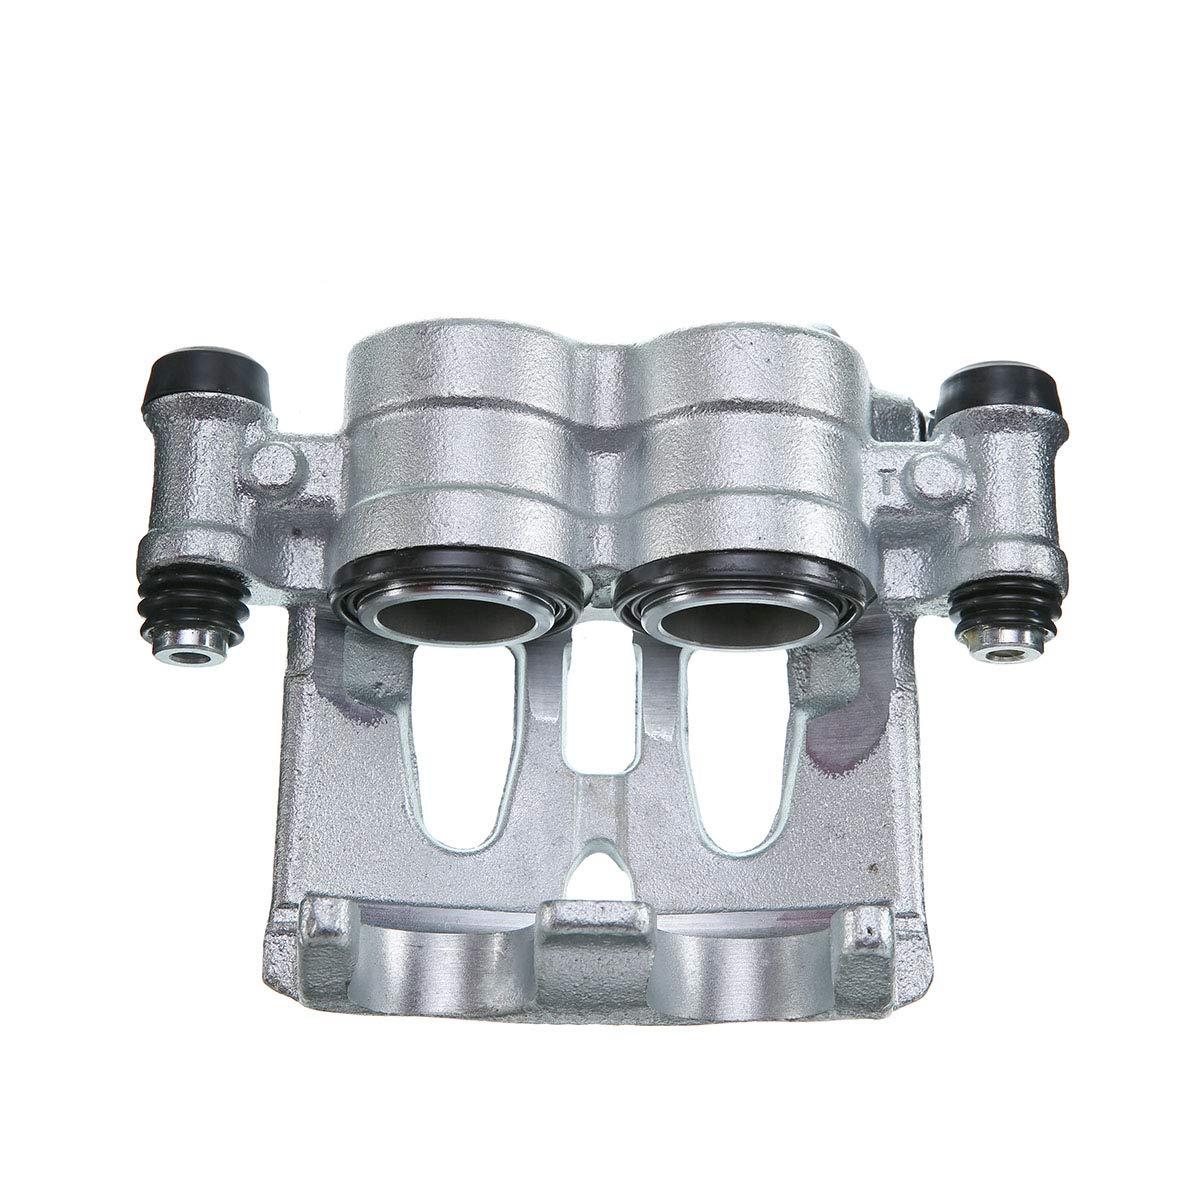 droite pour Sprinter 3,5-T 4,6-T 5-T Crafter 30-35 30-50 2006-2019 0034208683 Lot de 2 /étriers de frein avant gauche